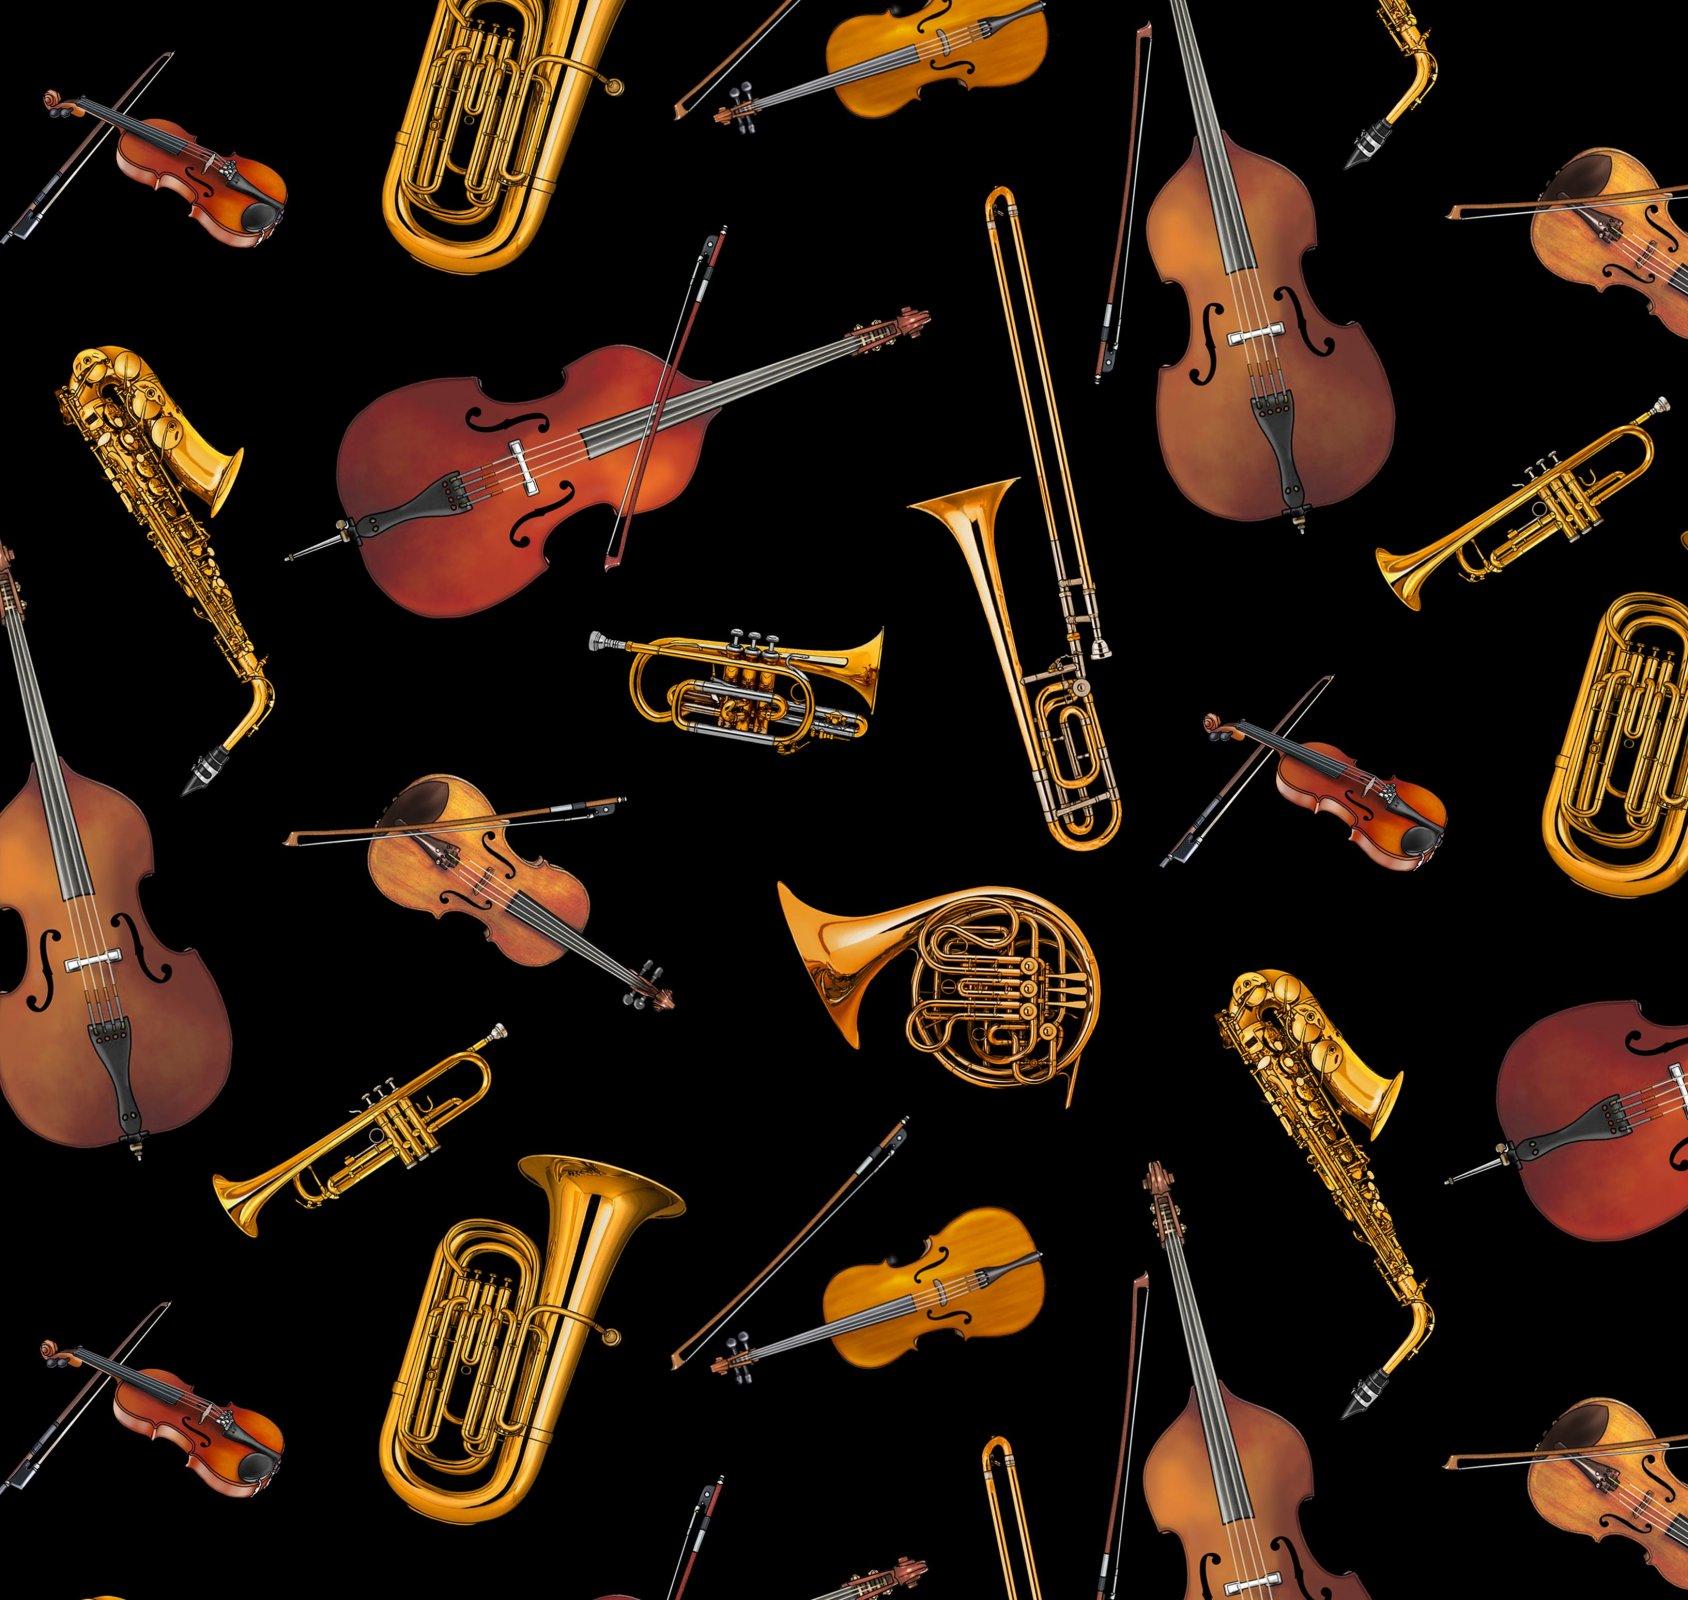 ES-Jazz 649 Black - Musical Instruments